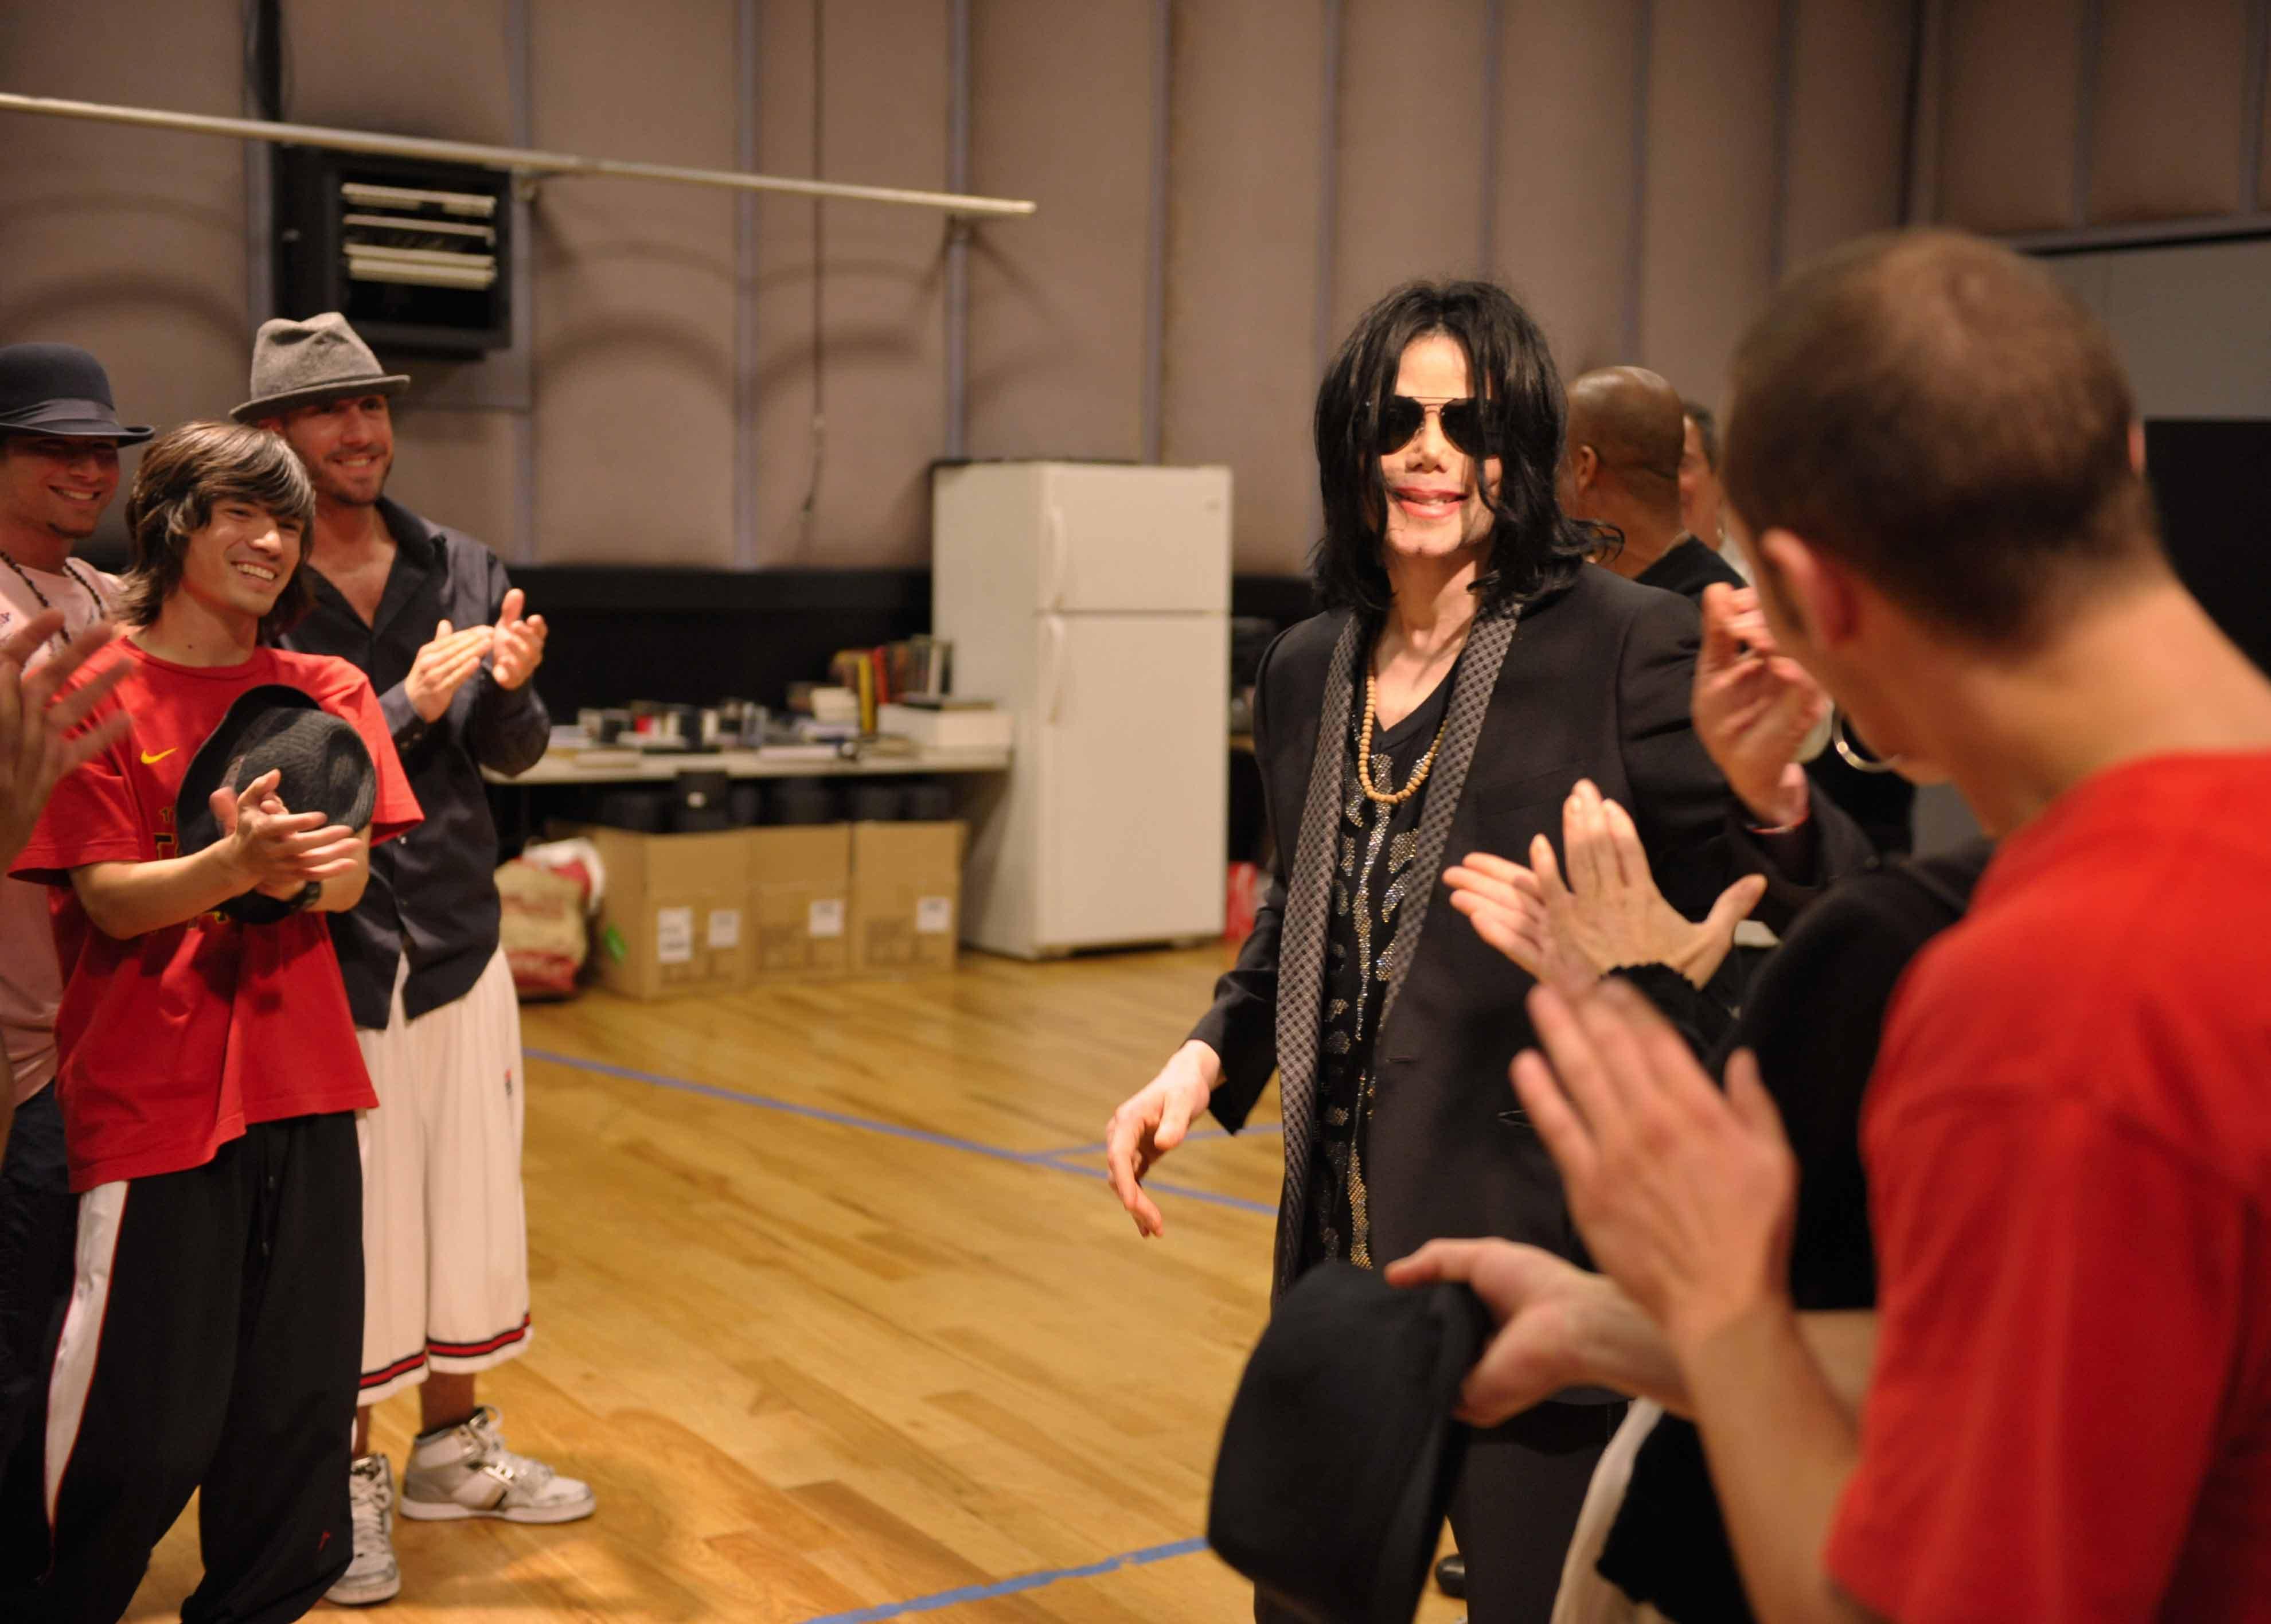 Майкл Джексон во время репетиции в Лос-Анджелесе для своего